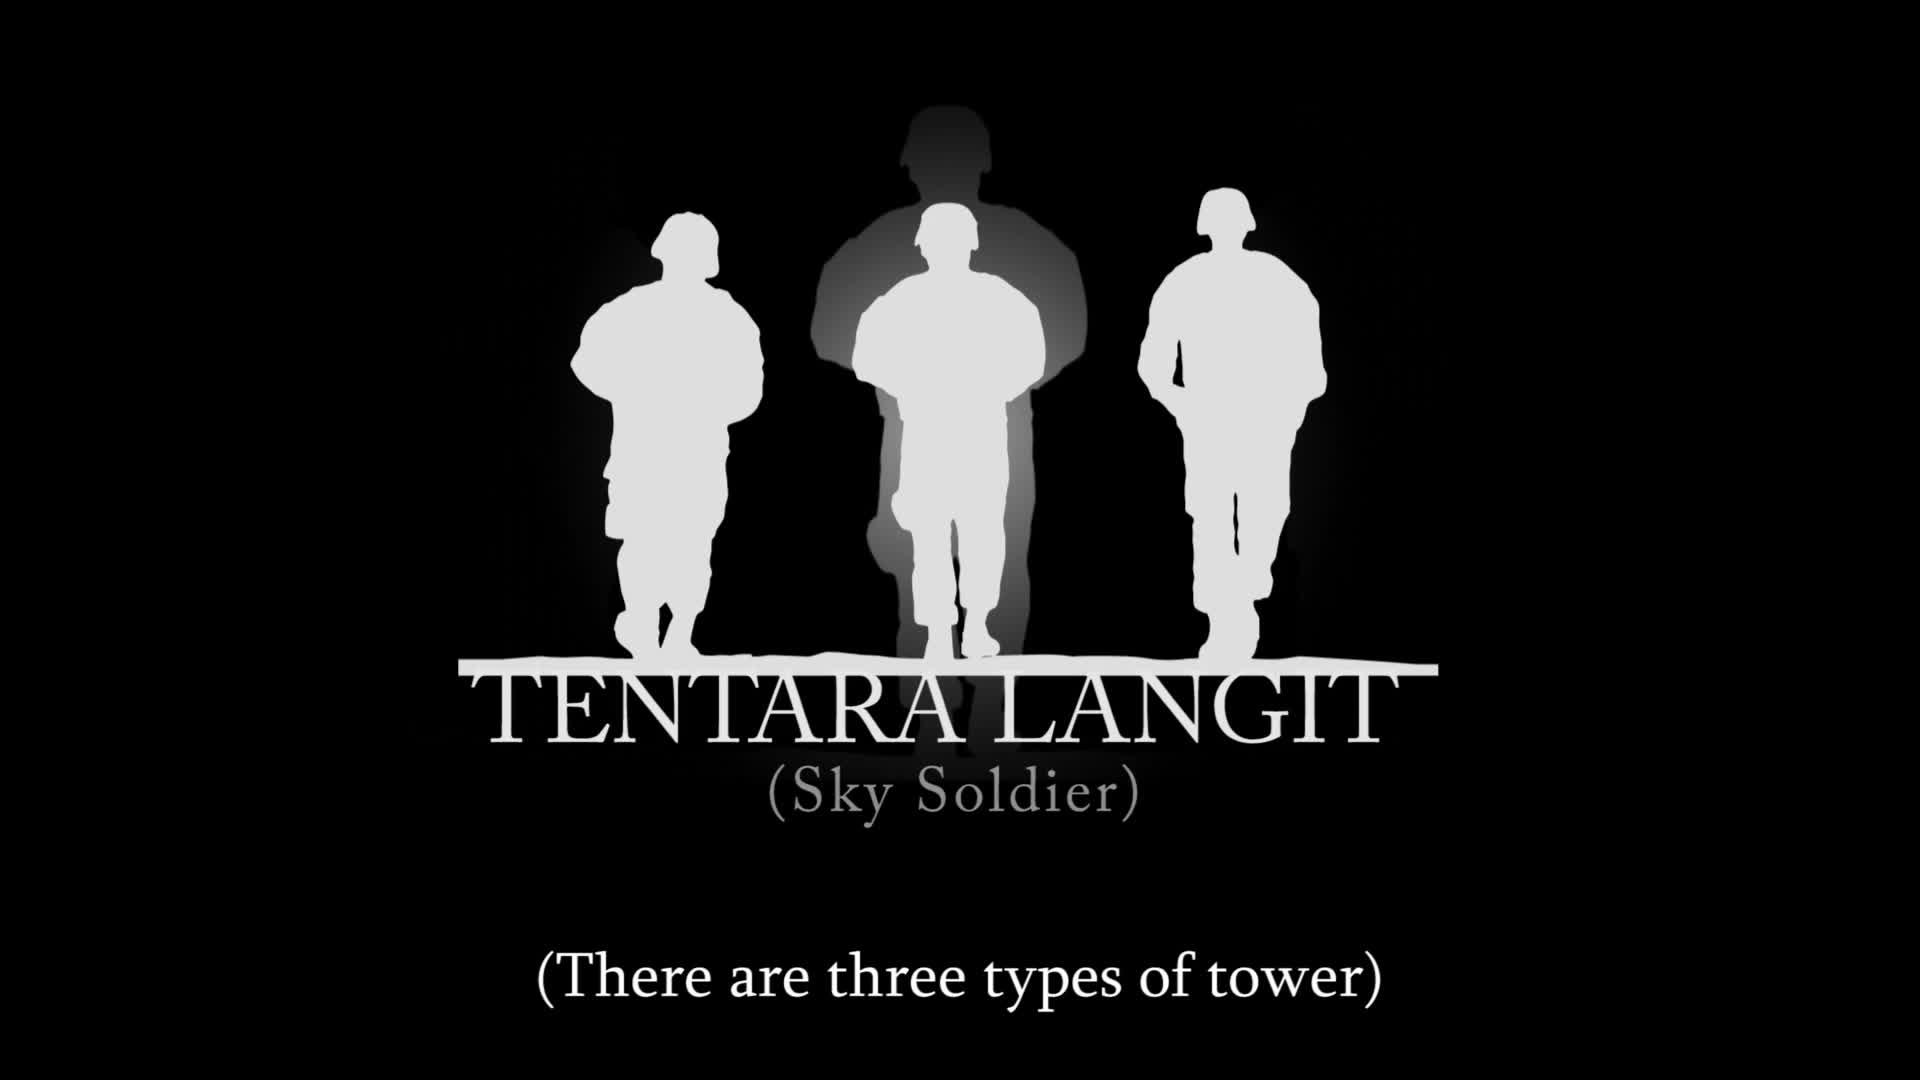 TENTARA-LANGIT